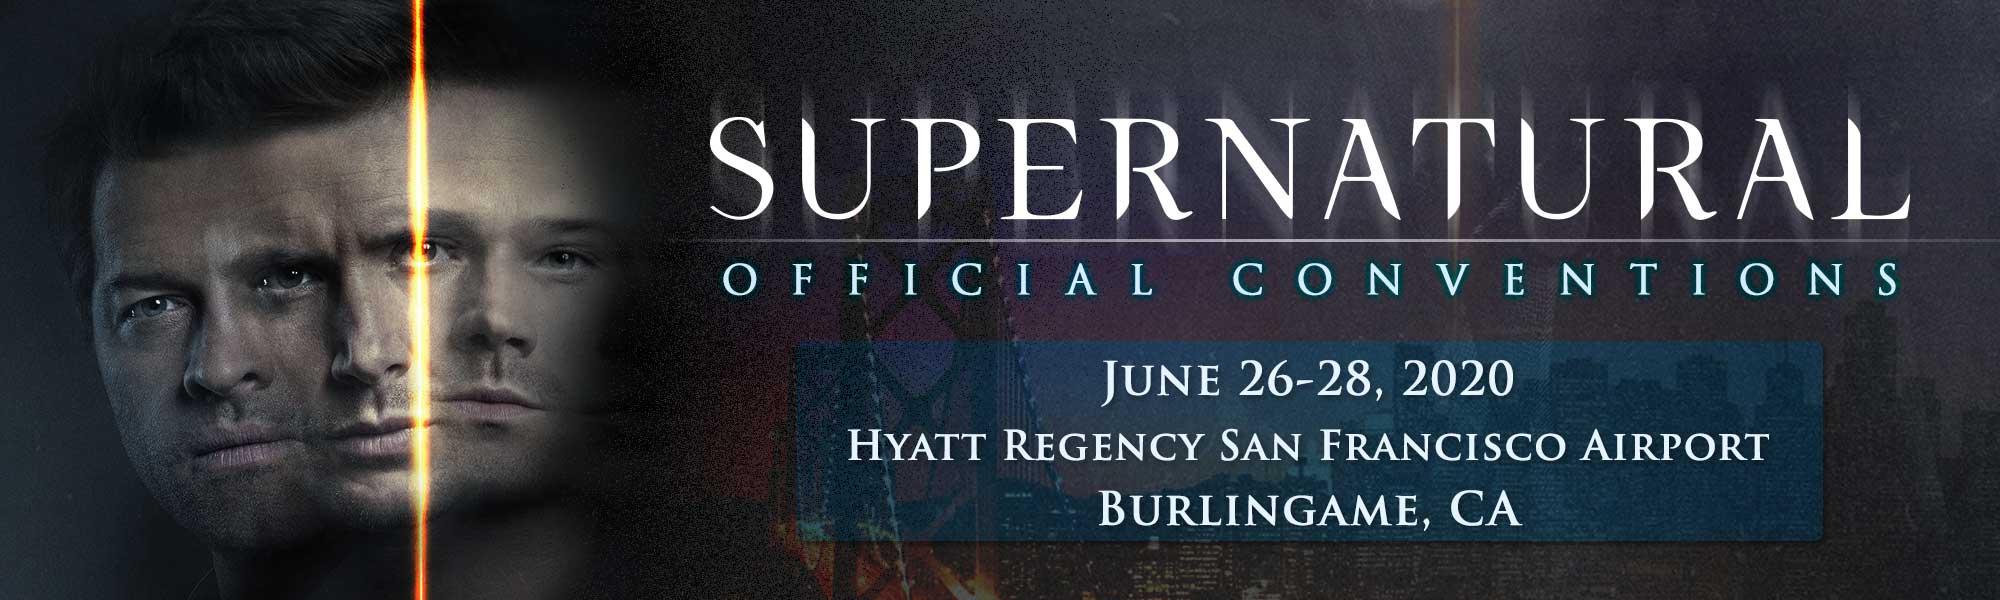 Supernatural Convention Schedule 2020 Creation Entertainment's Supernatural Offical Convention in